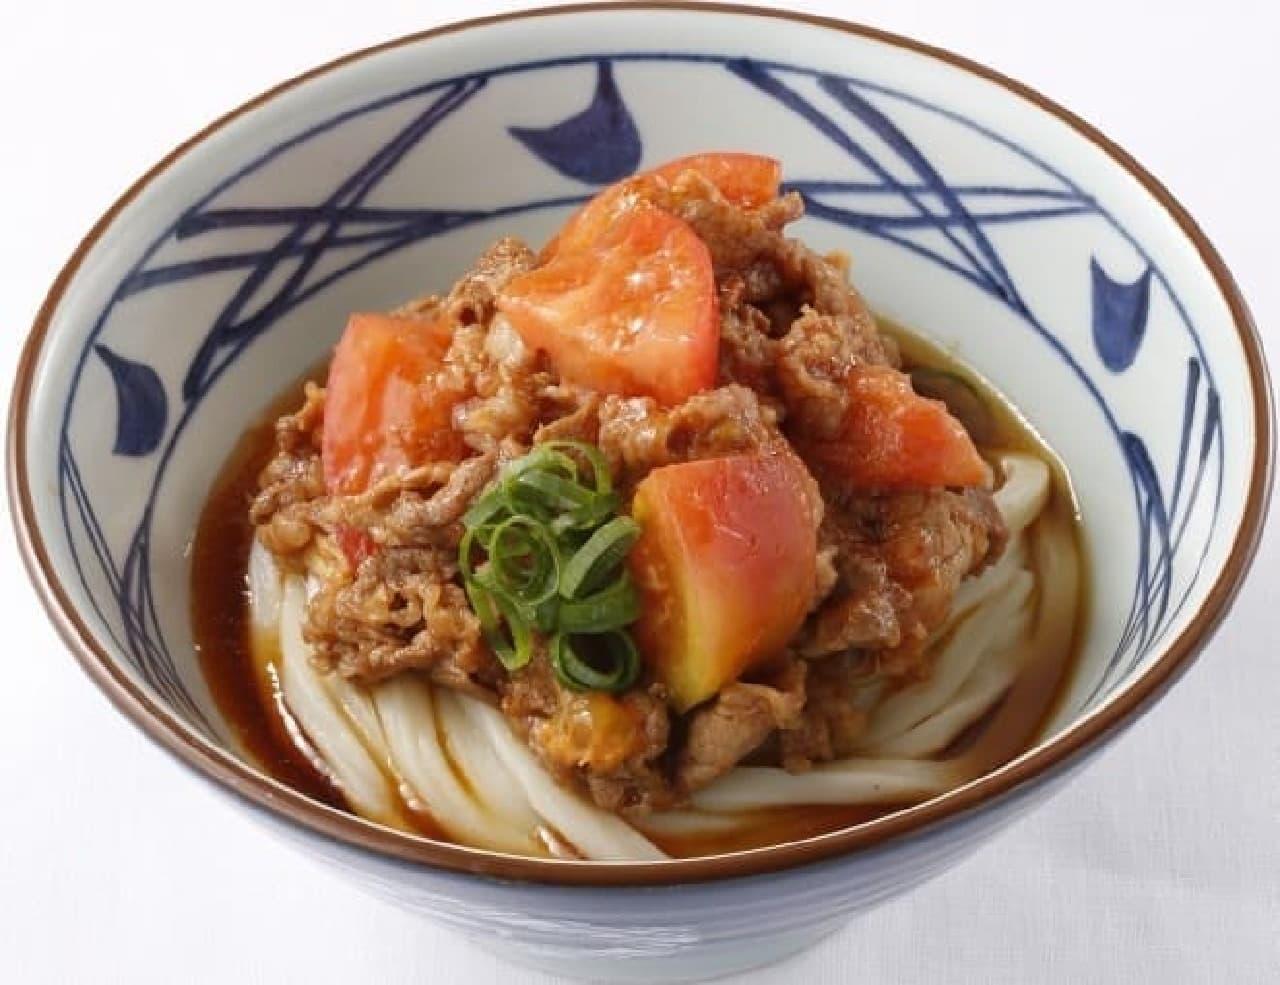 丸亀製麺 岡山インター店「桃太郎トマト焼肉うどん」